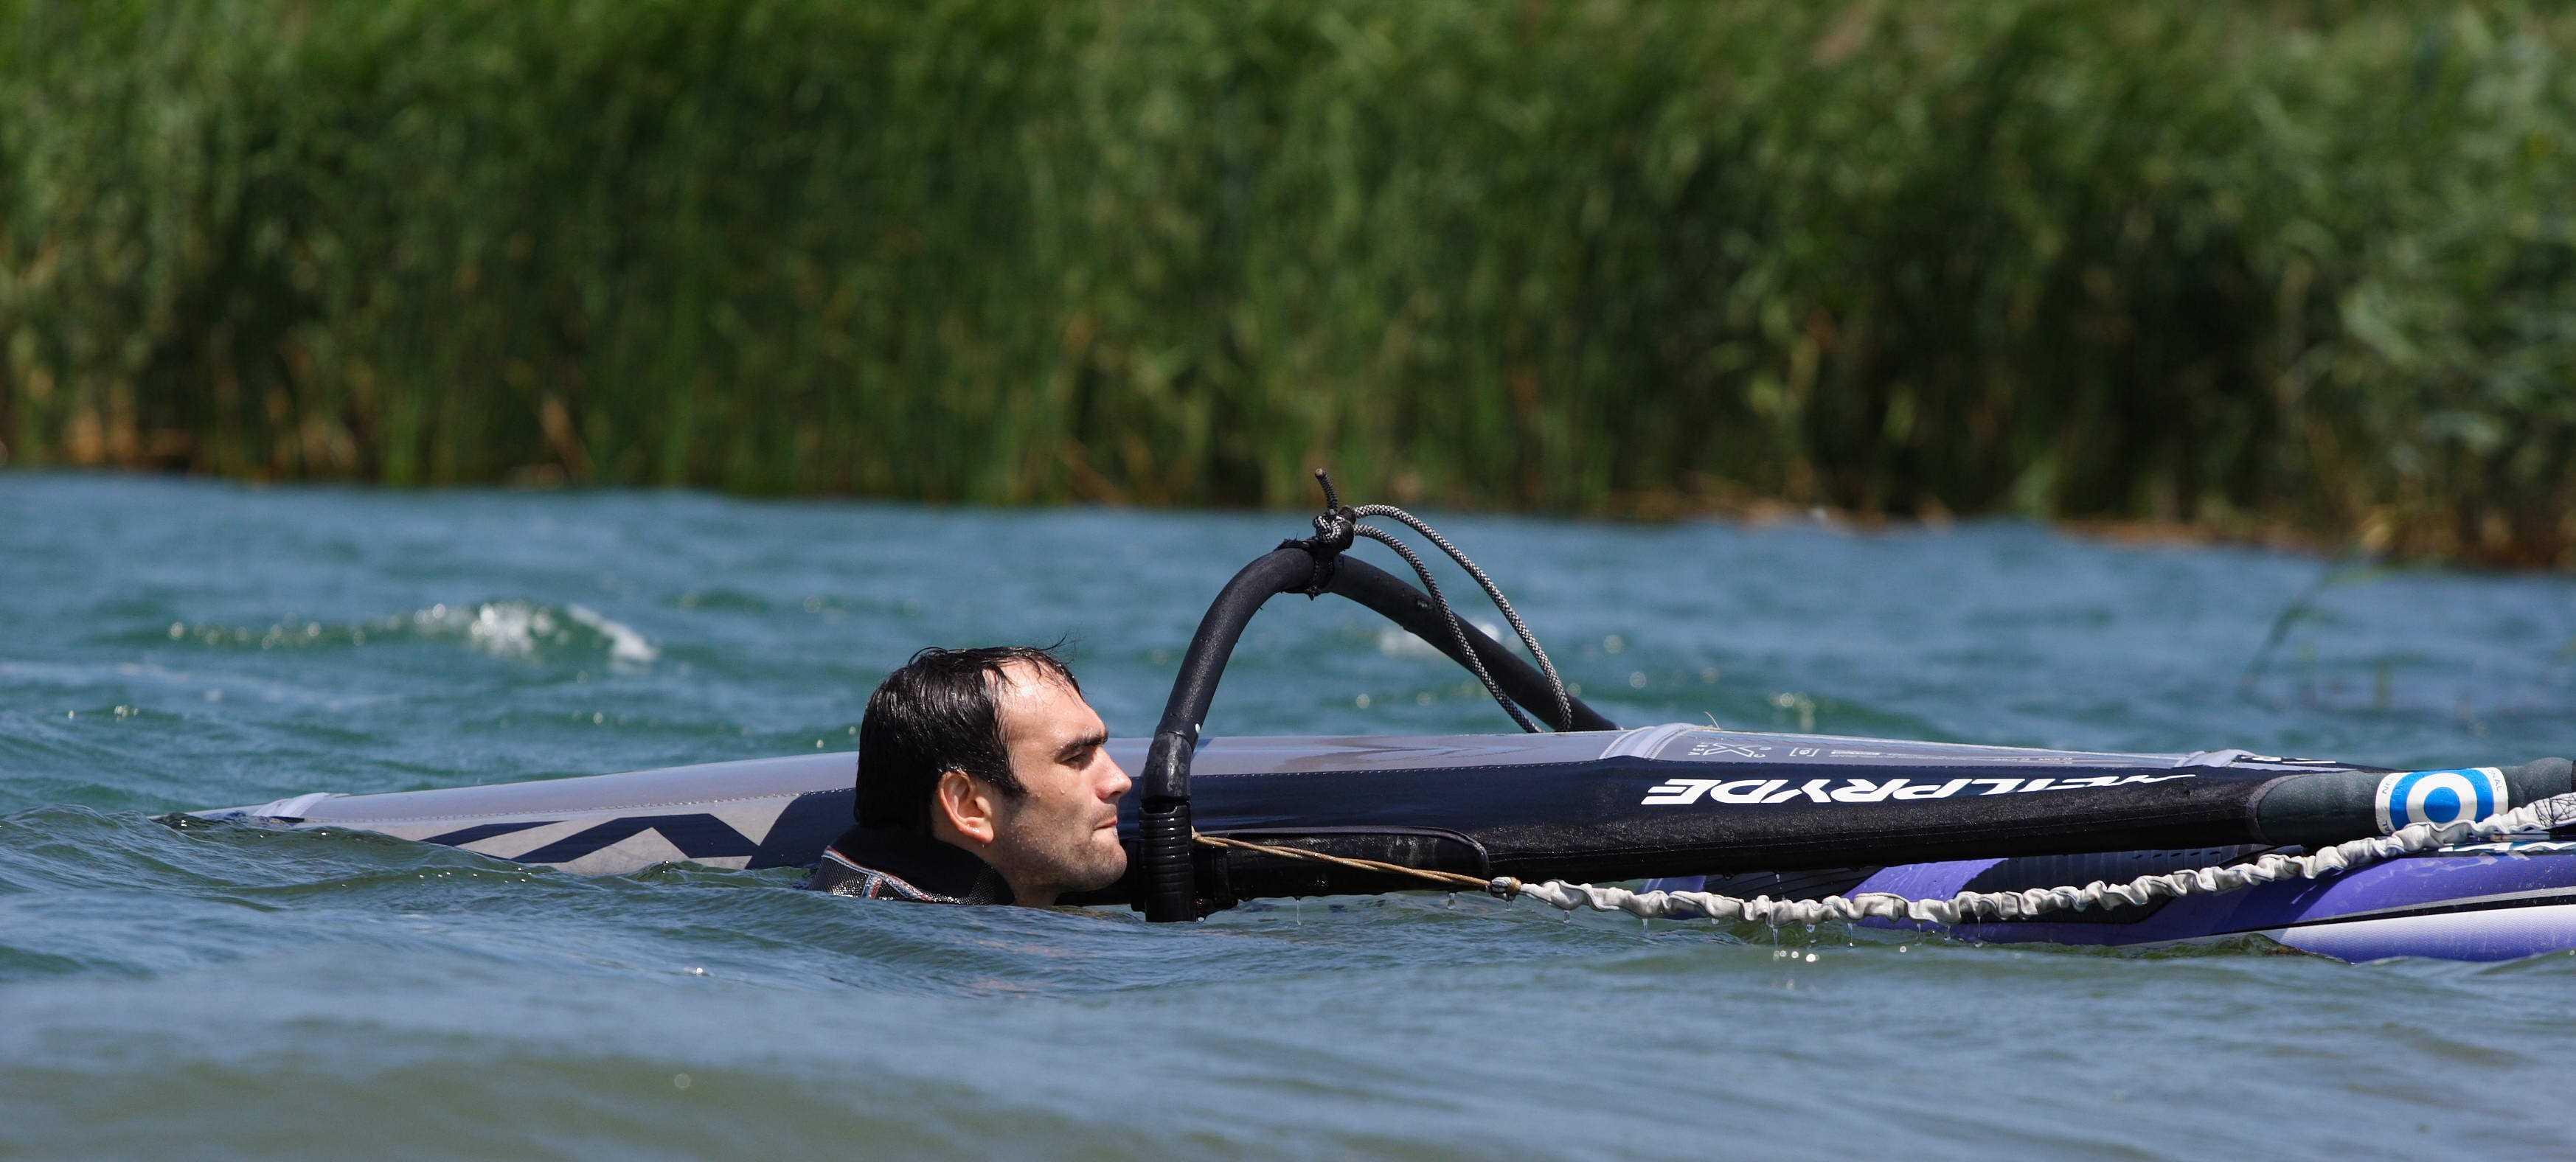 windsurfing-arad_10_2.jpg